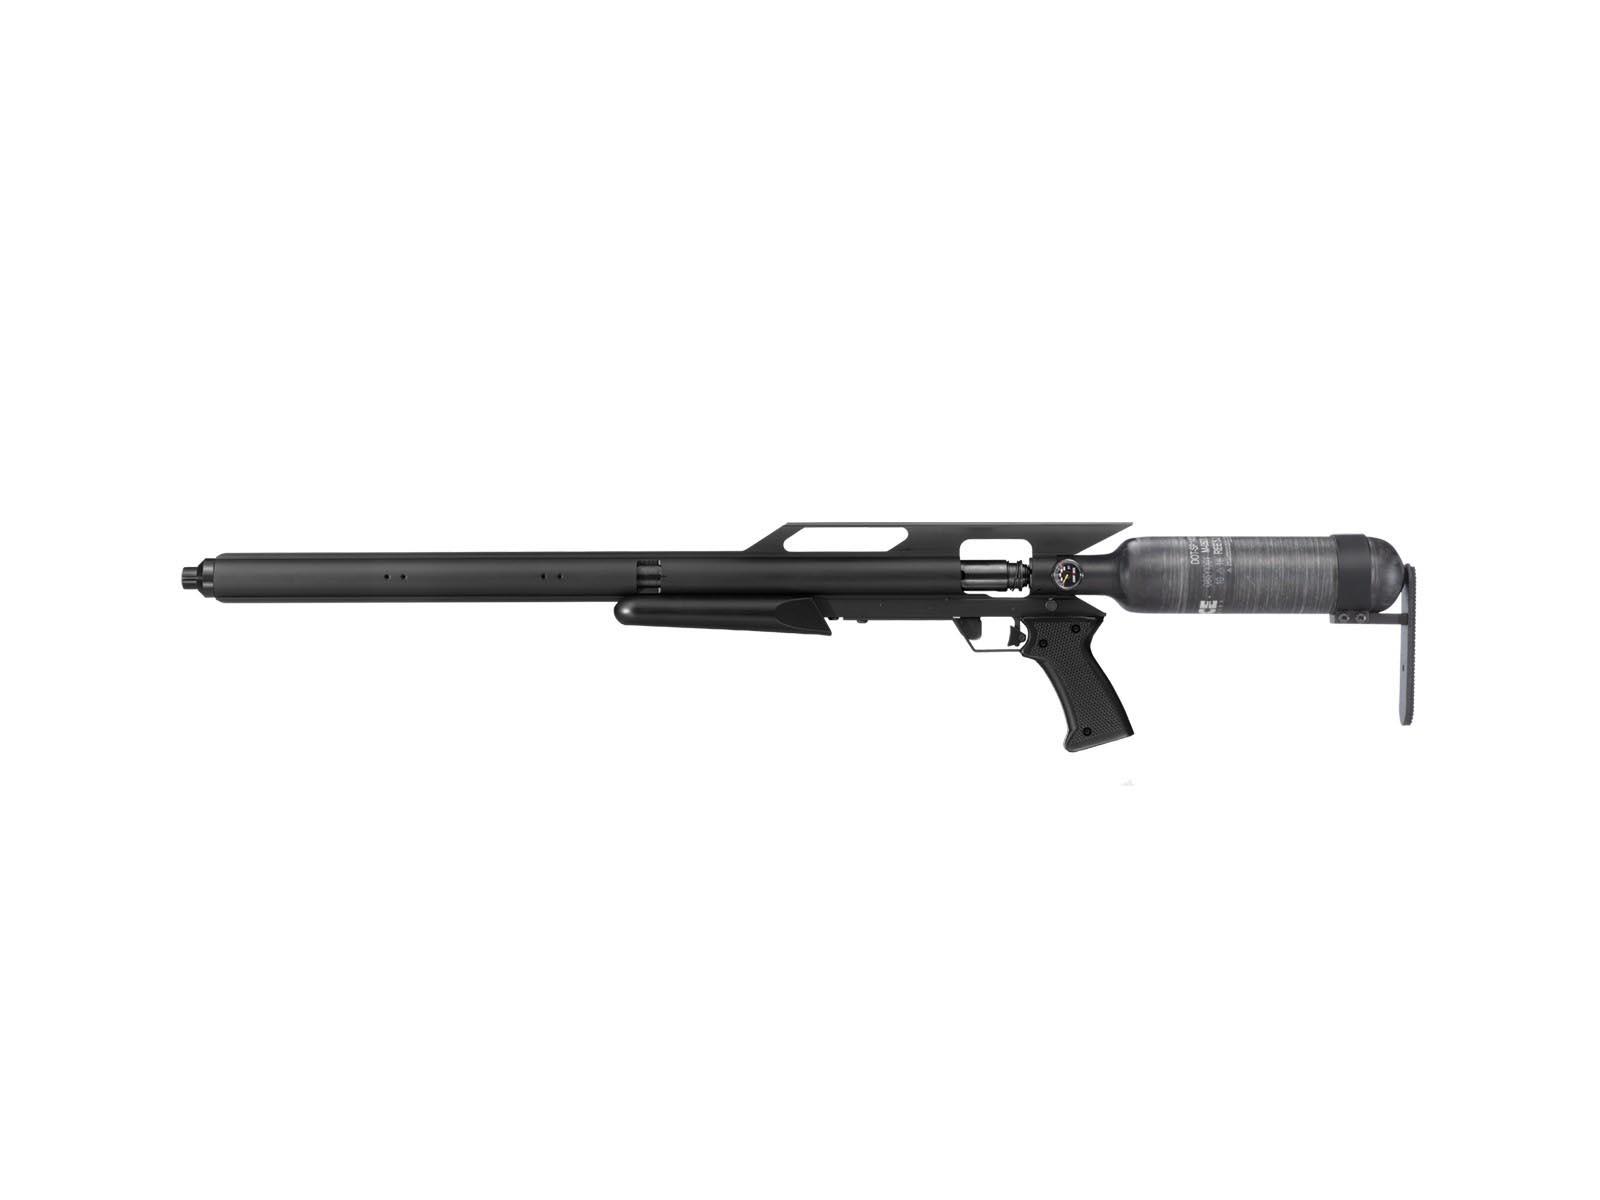 AirForce Texan Carbine, Carbon-Fiber Tank